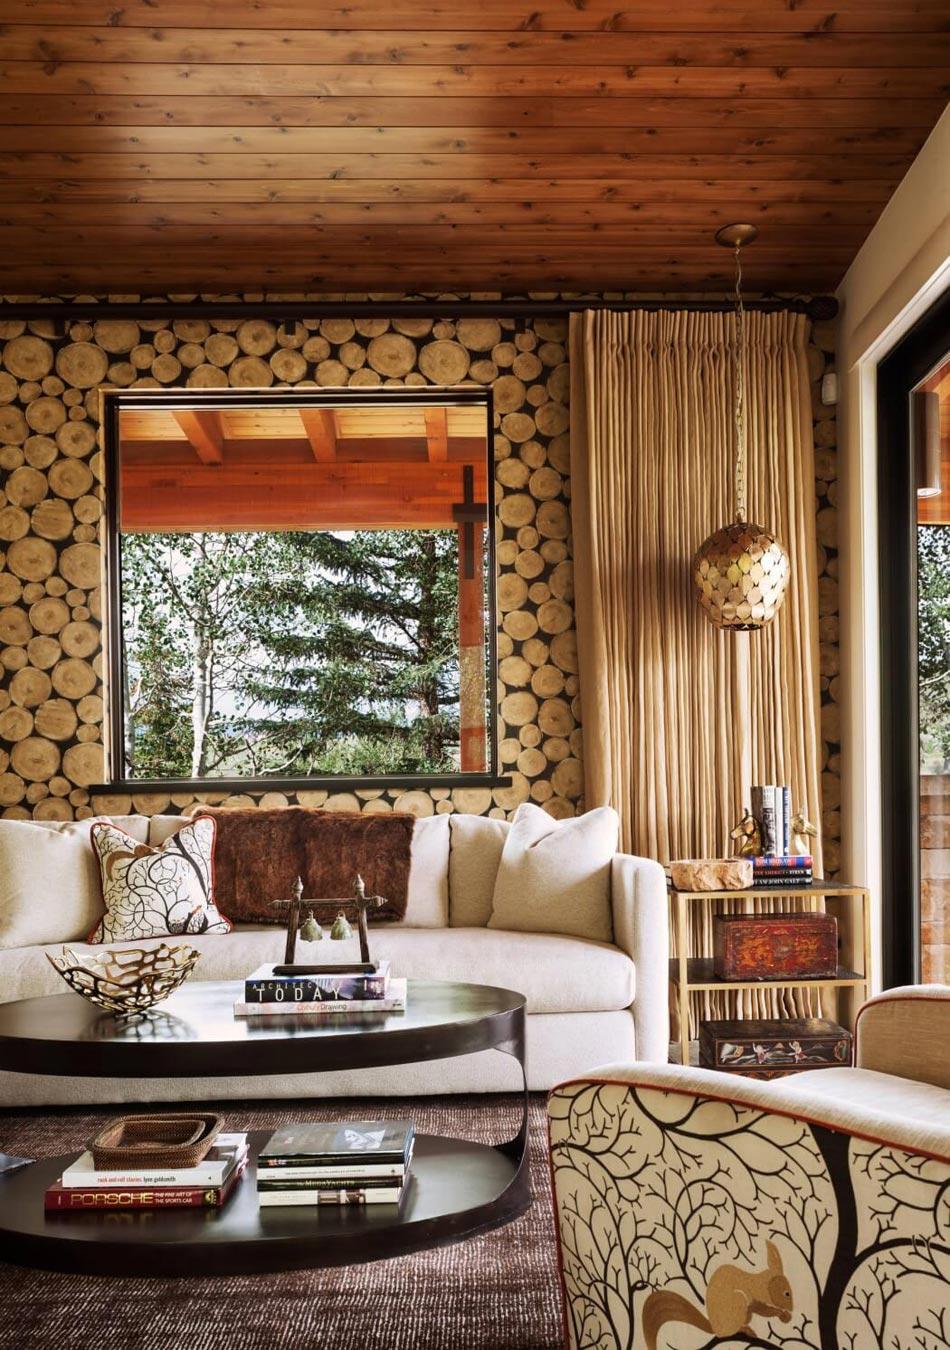 Magnifique maison de campagne au c ur de la nature verdoyante design feria - Interieur maison campagne ...